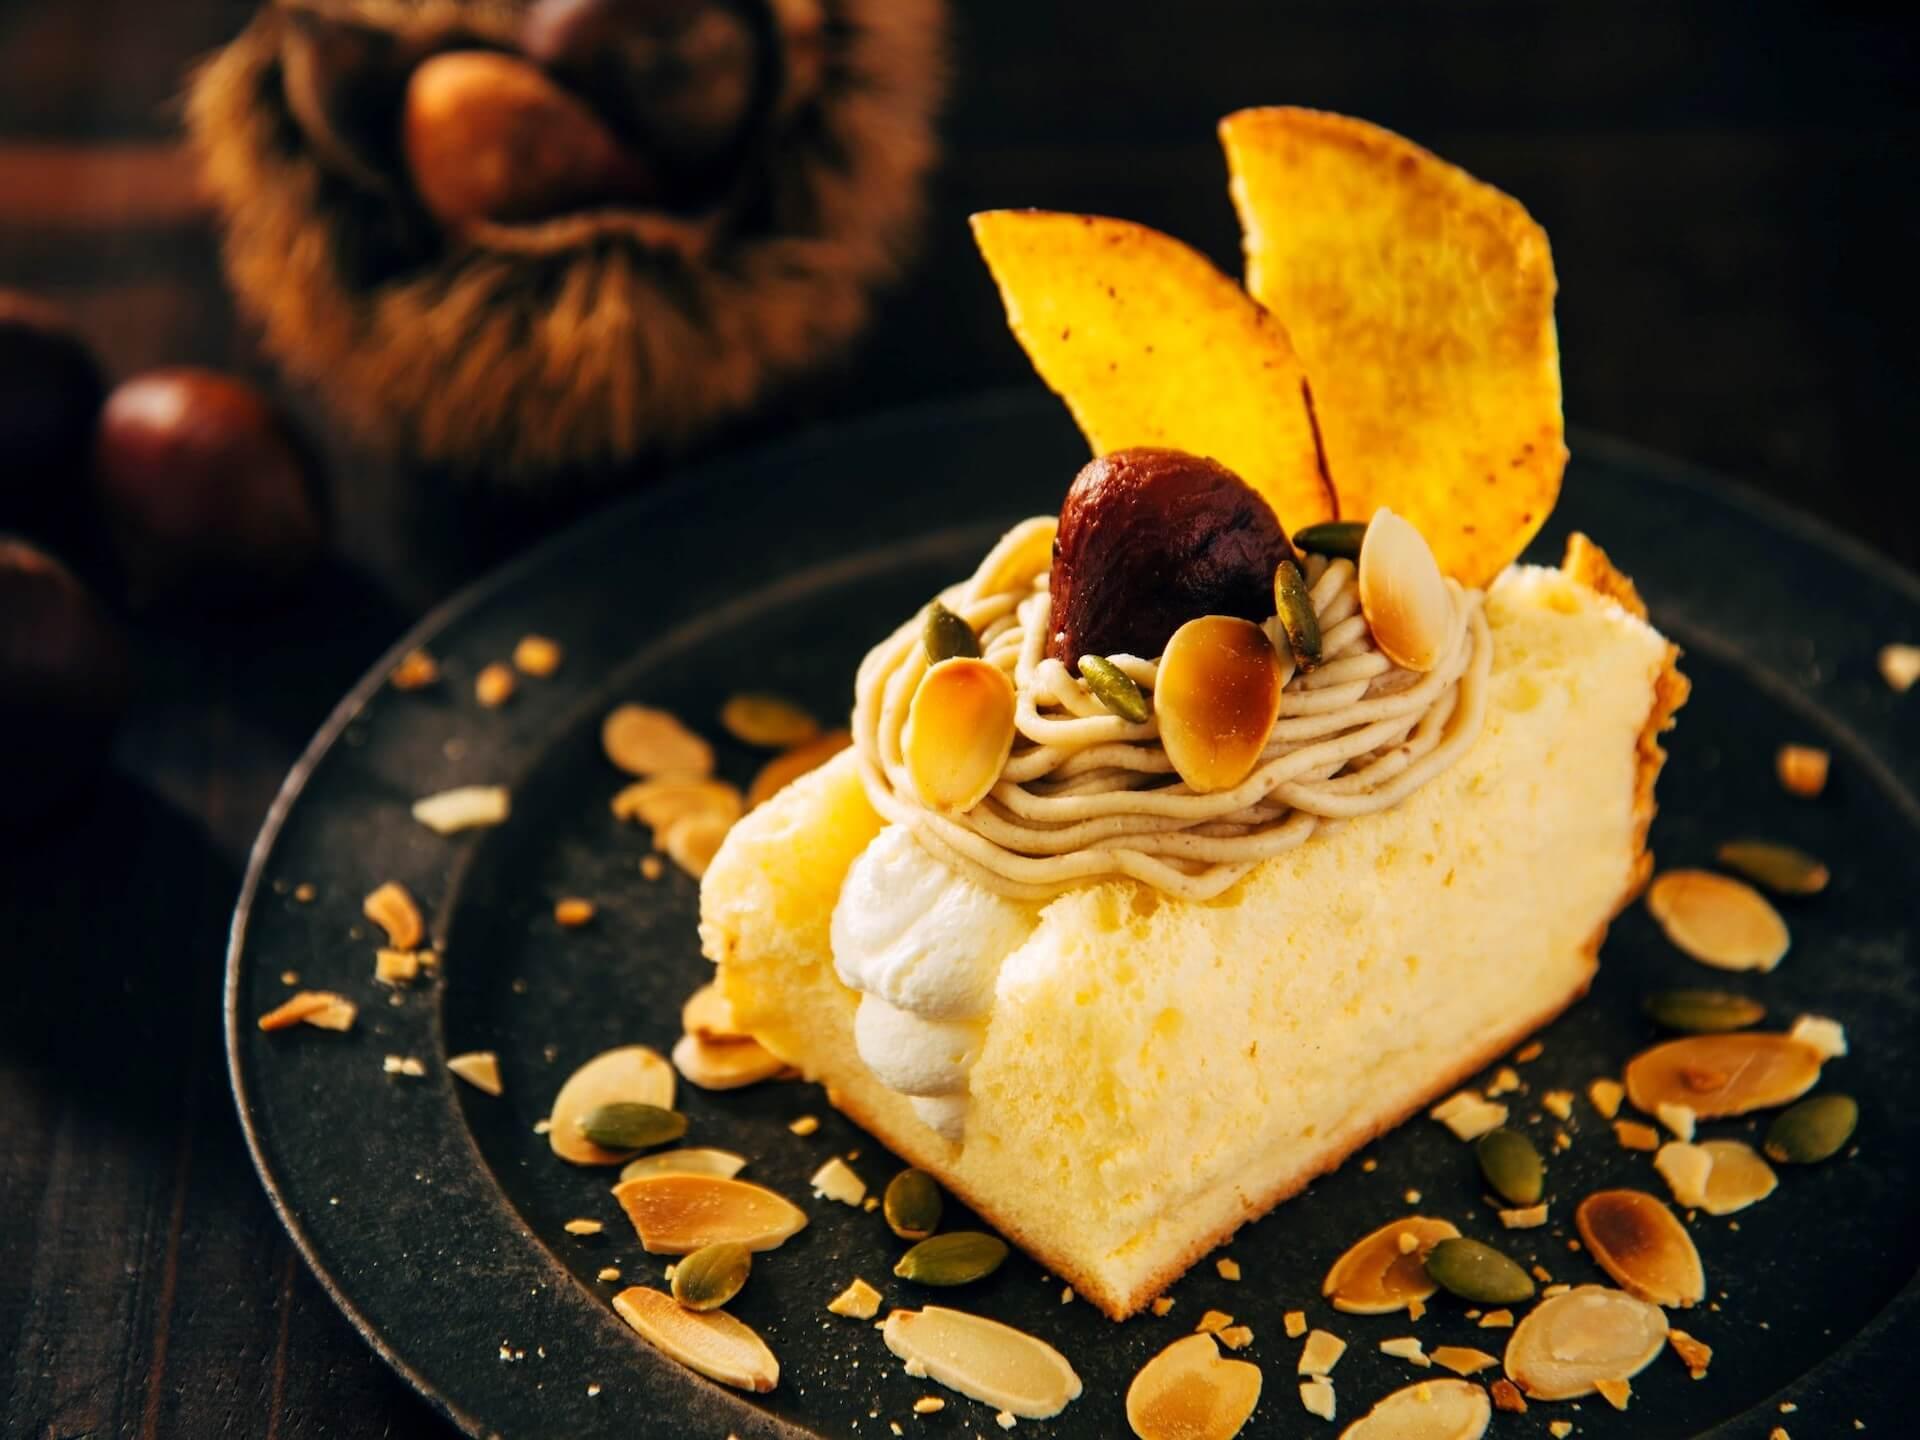 『AKOMEYA食堂』から和の食材を楽しめるシフォンケーキやどら焼きなど秋の新作スイーツ5種類が登場! food202087-akomeya2